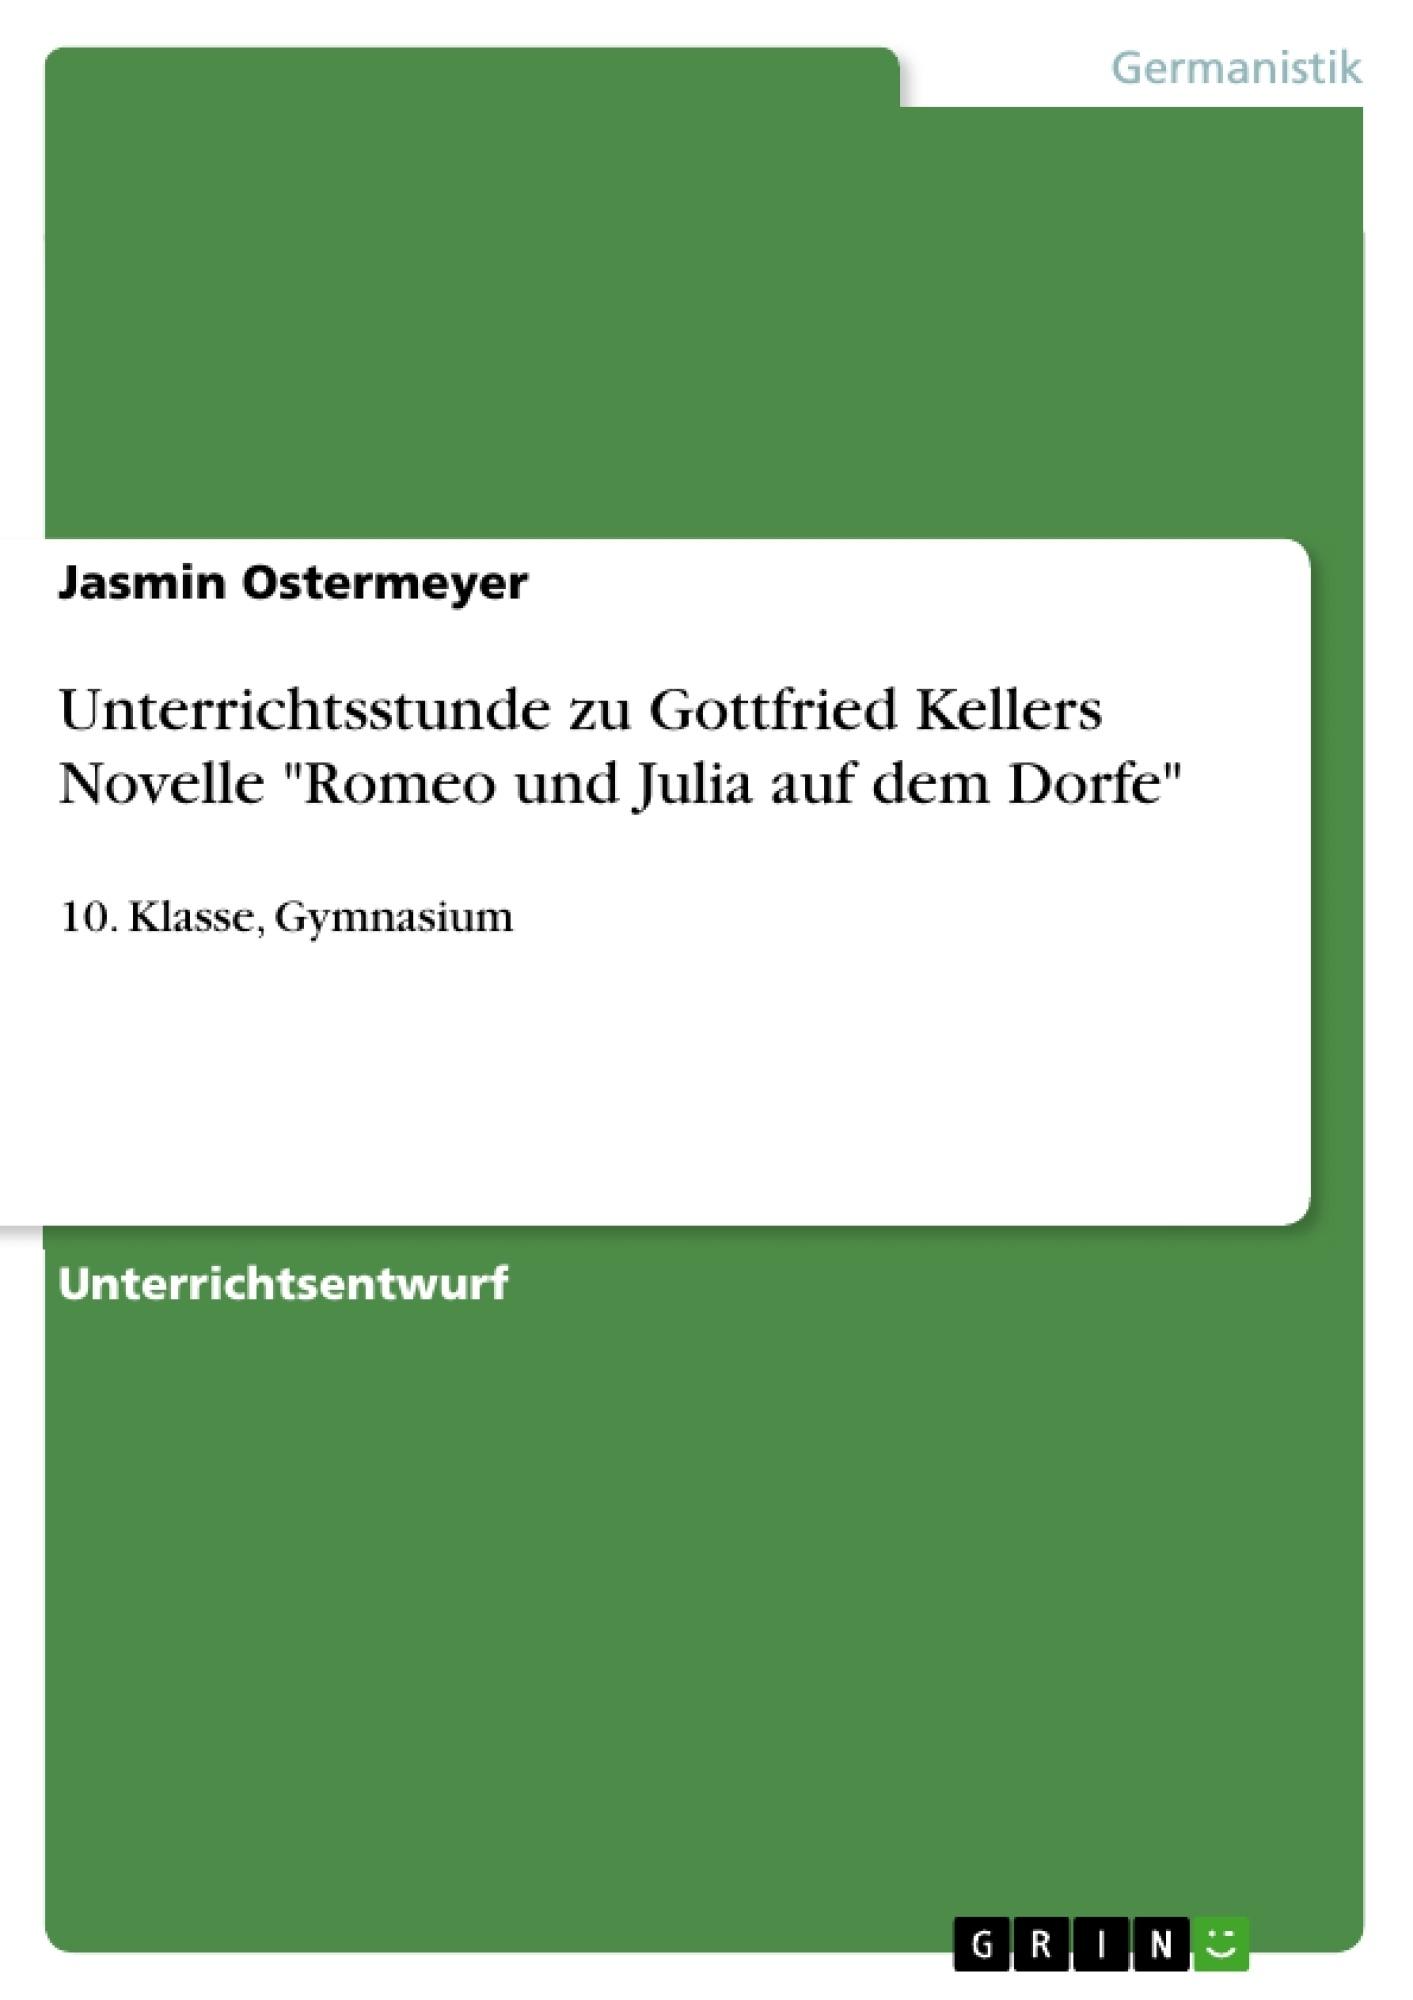 Bekannte Zitate Aus Romeo Und Julia Sprüche Zitate Leben